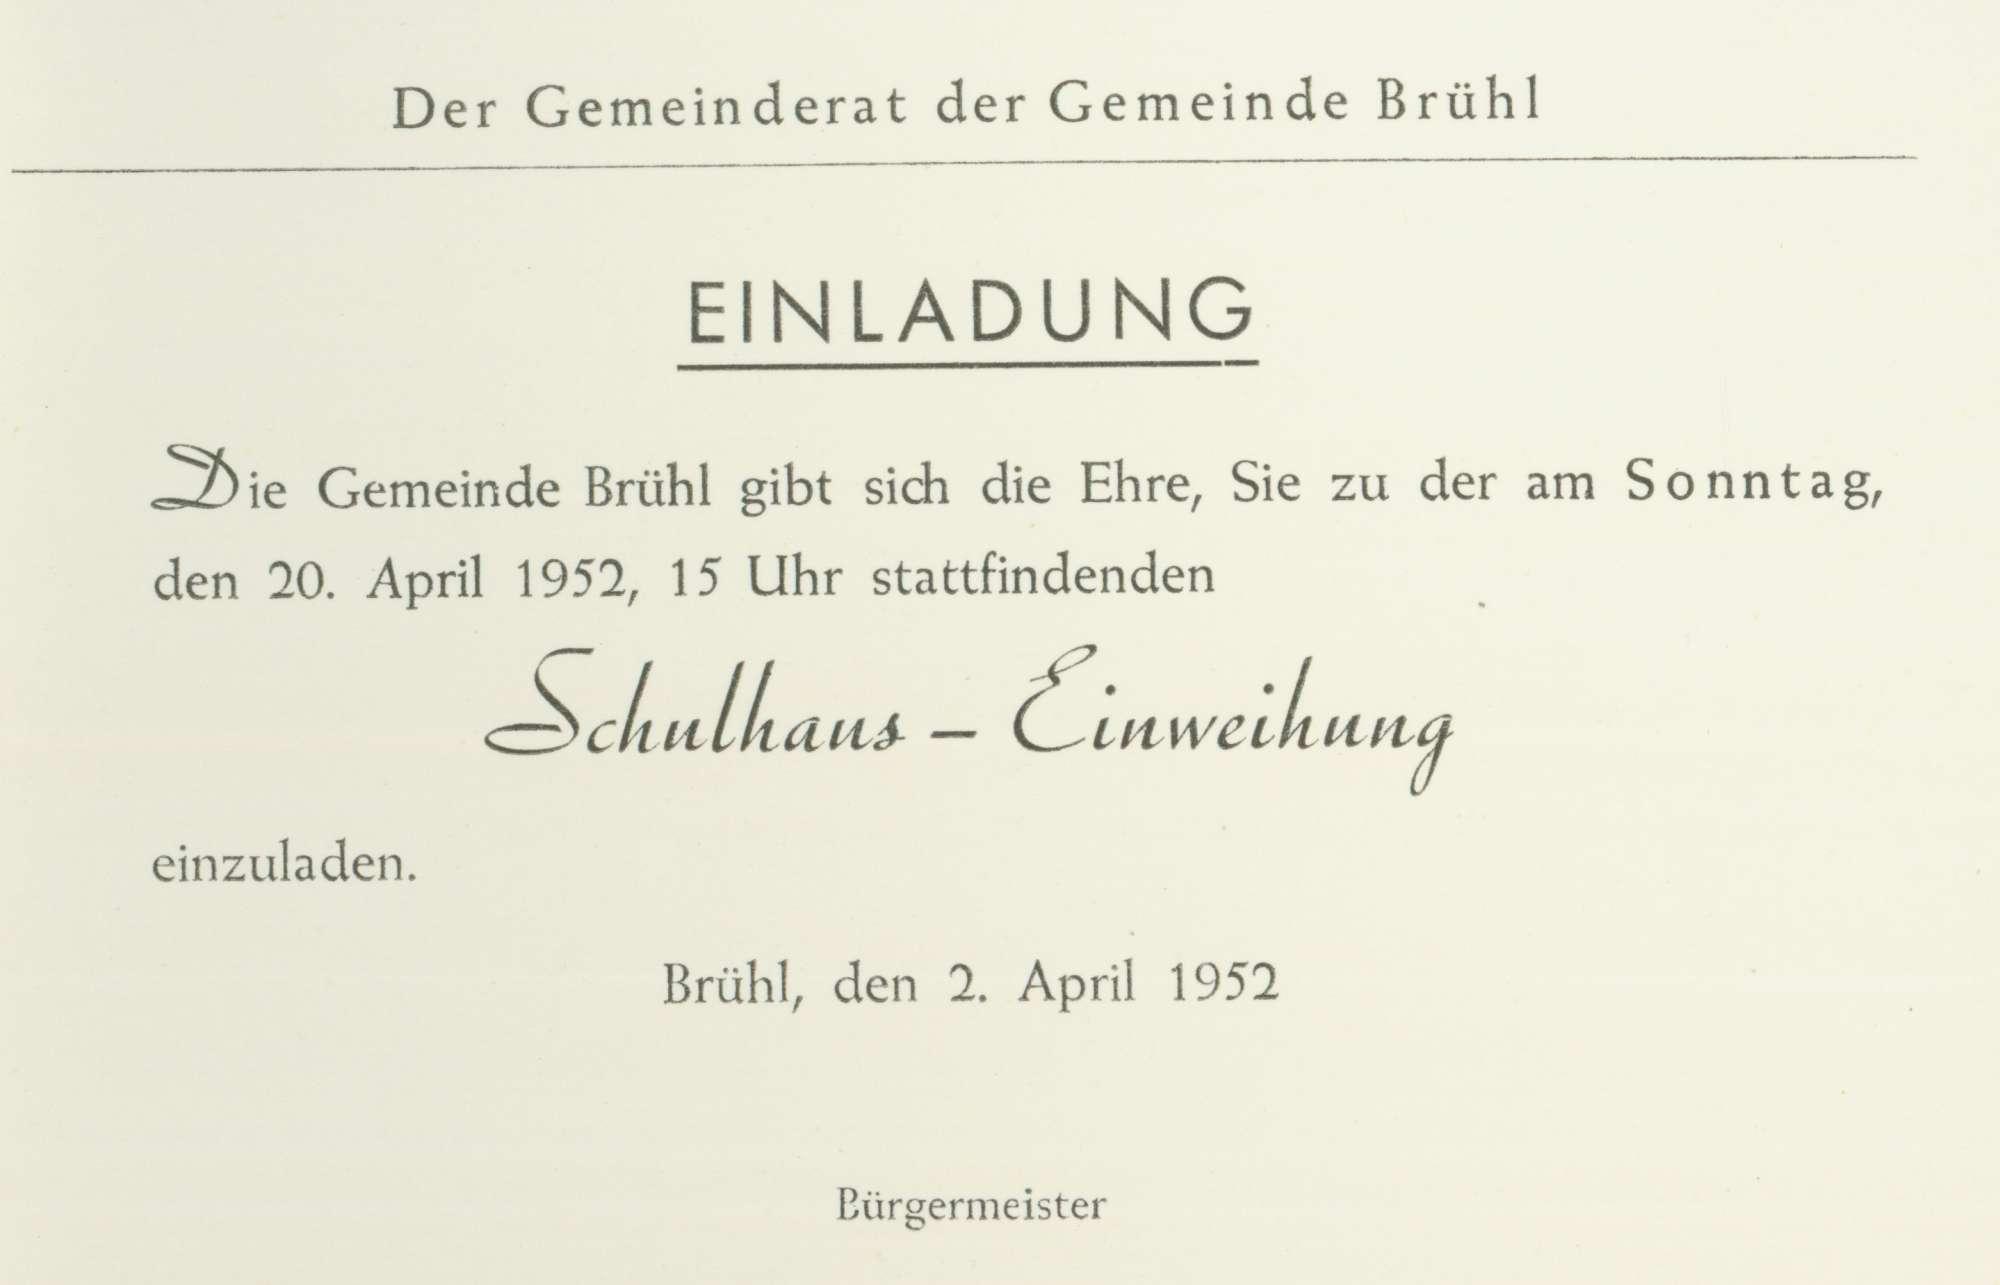 [Schulhausneubau in Brühl: Programm der Einweihungsfeier], Bild 1